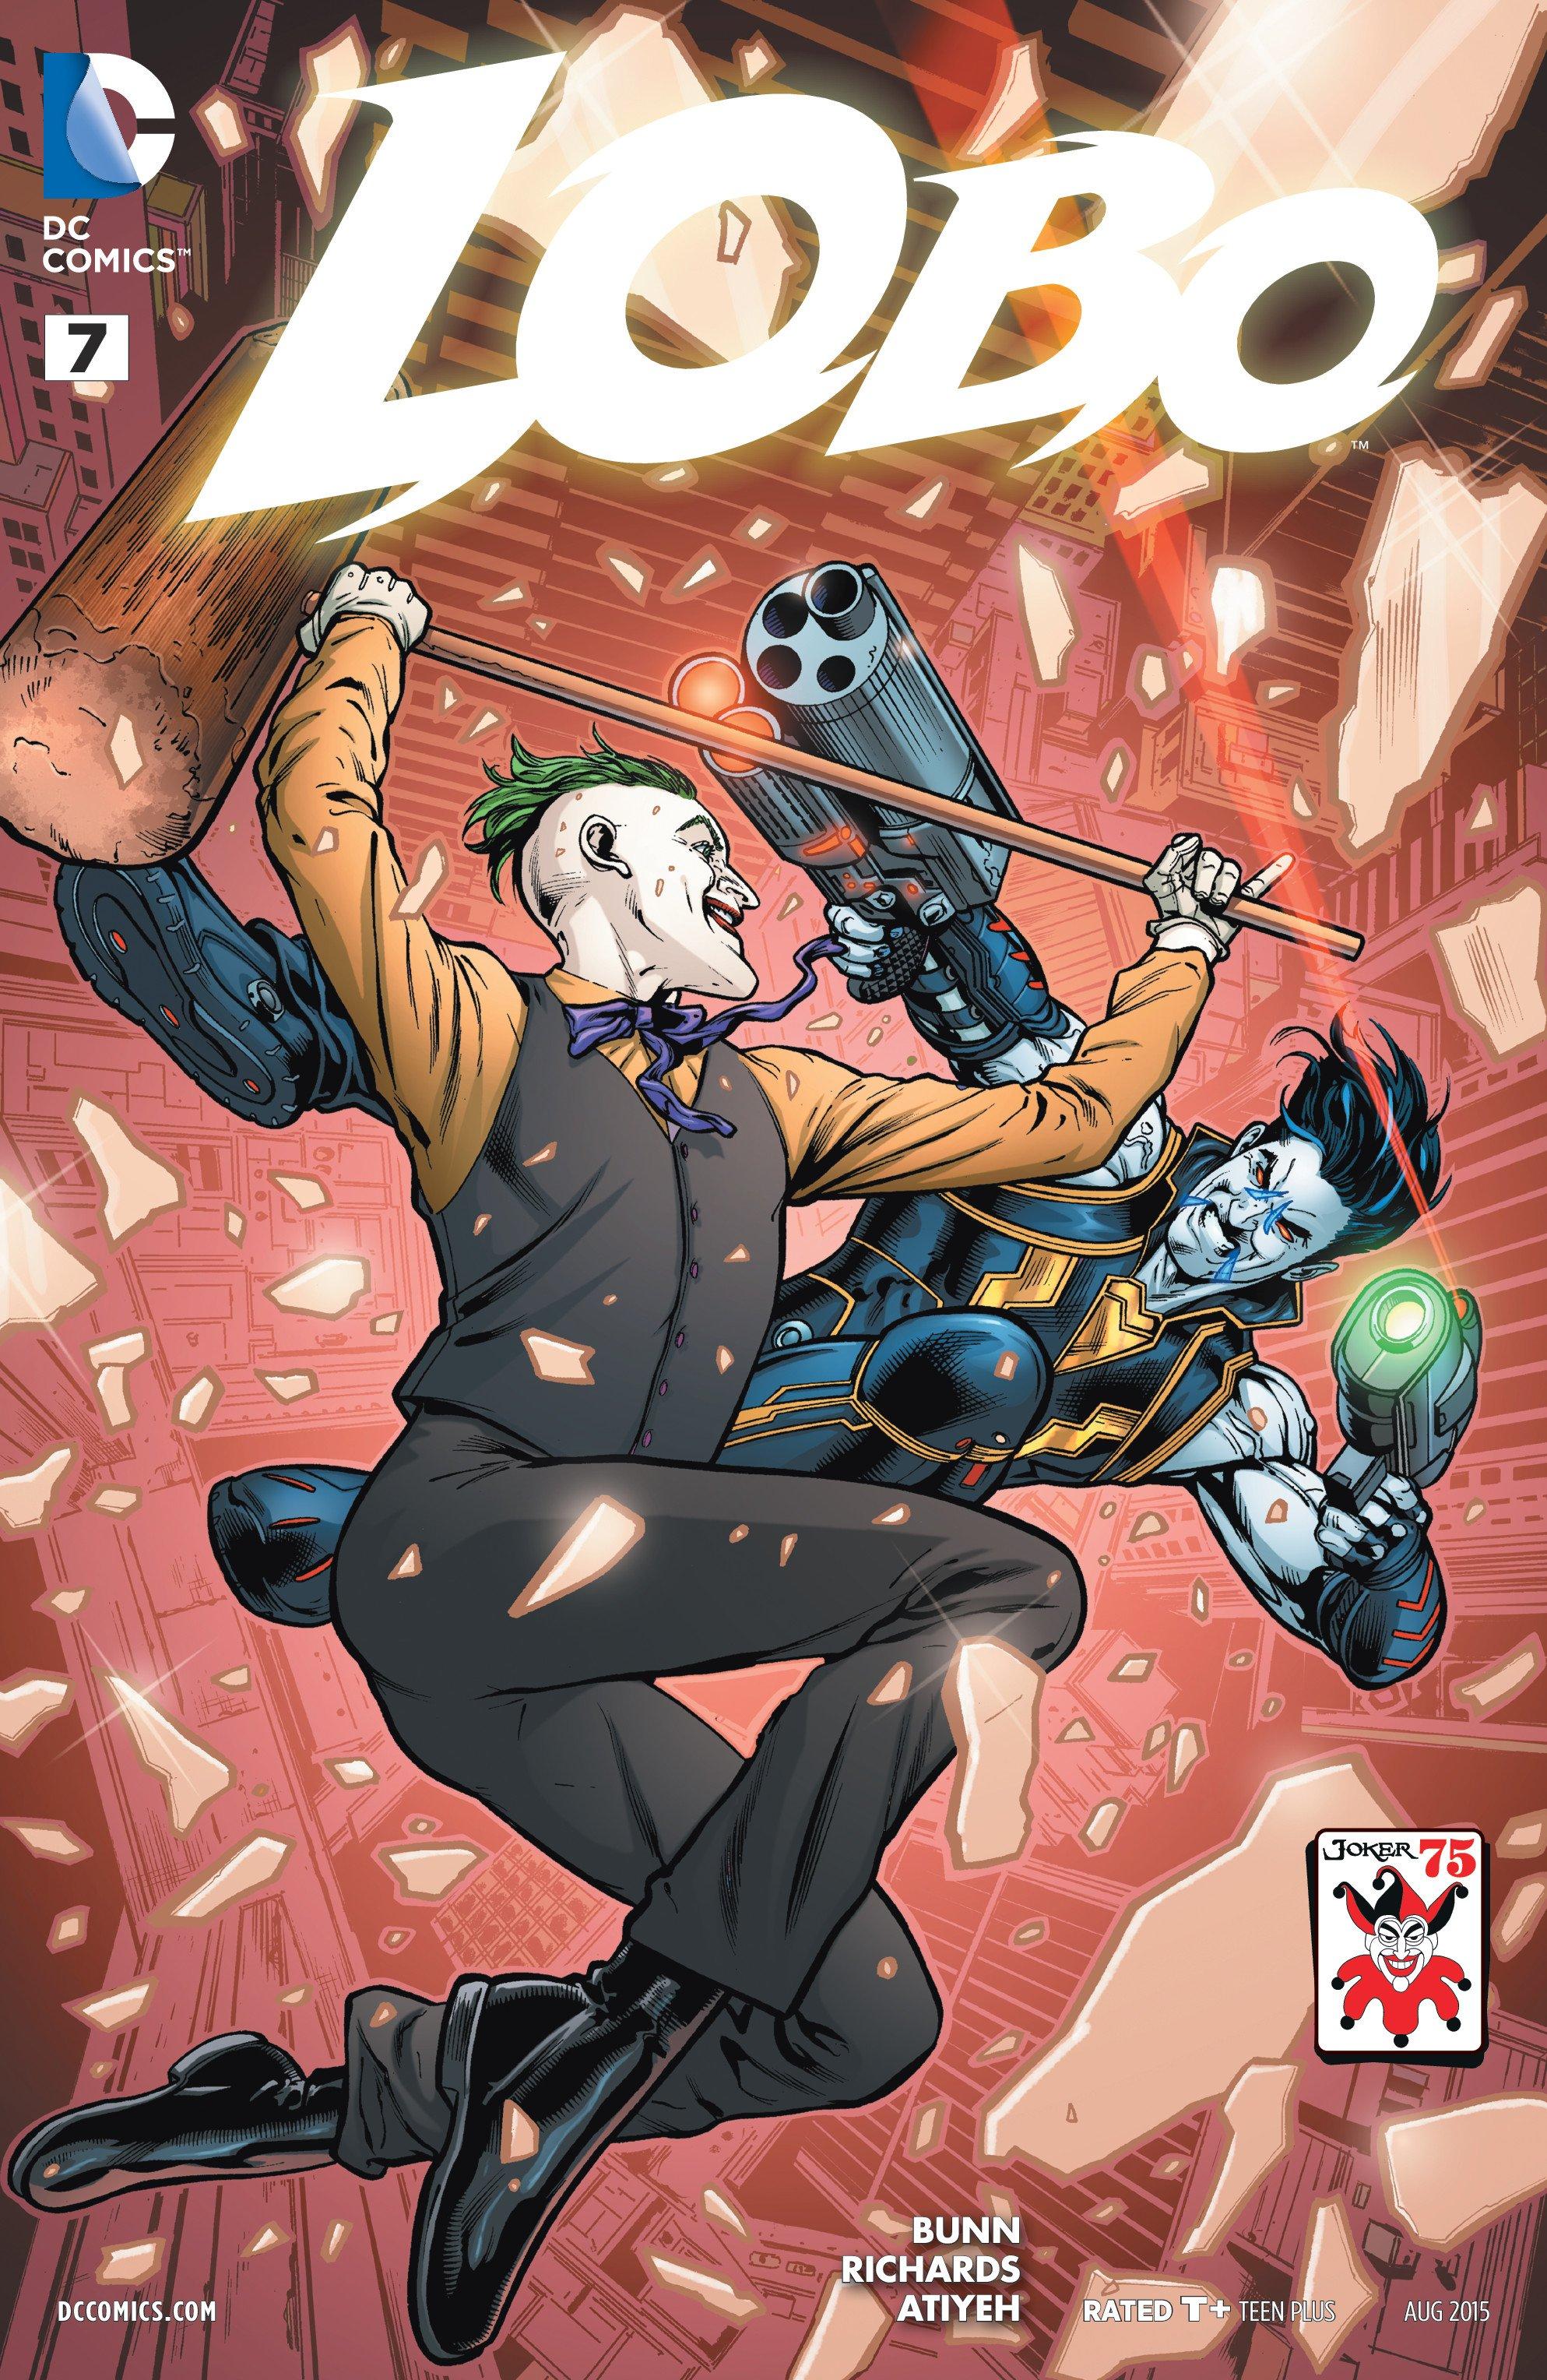 JOKER 75 обложки от DC. - Изображение 5